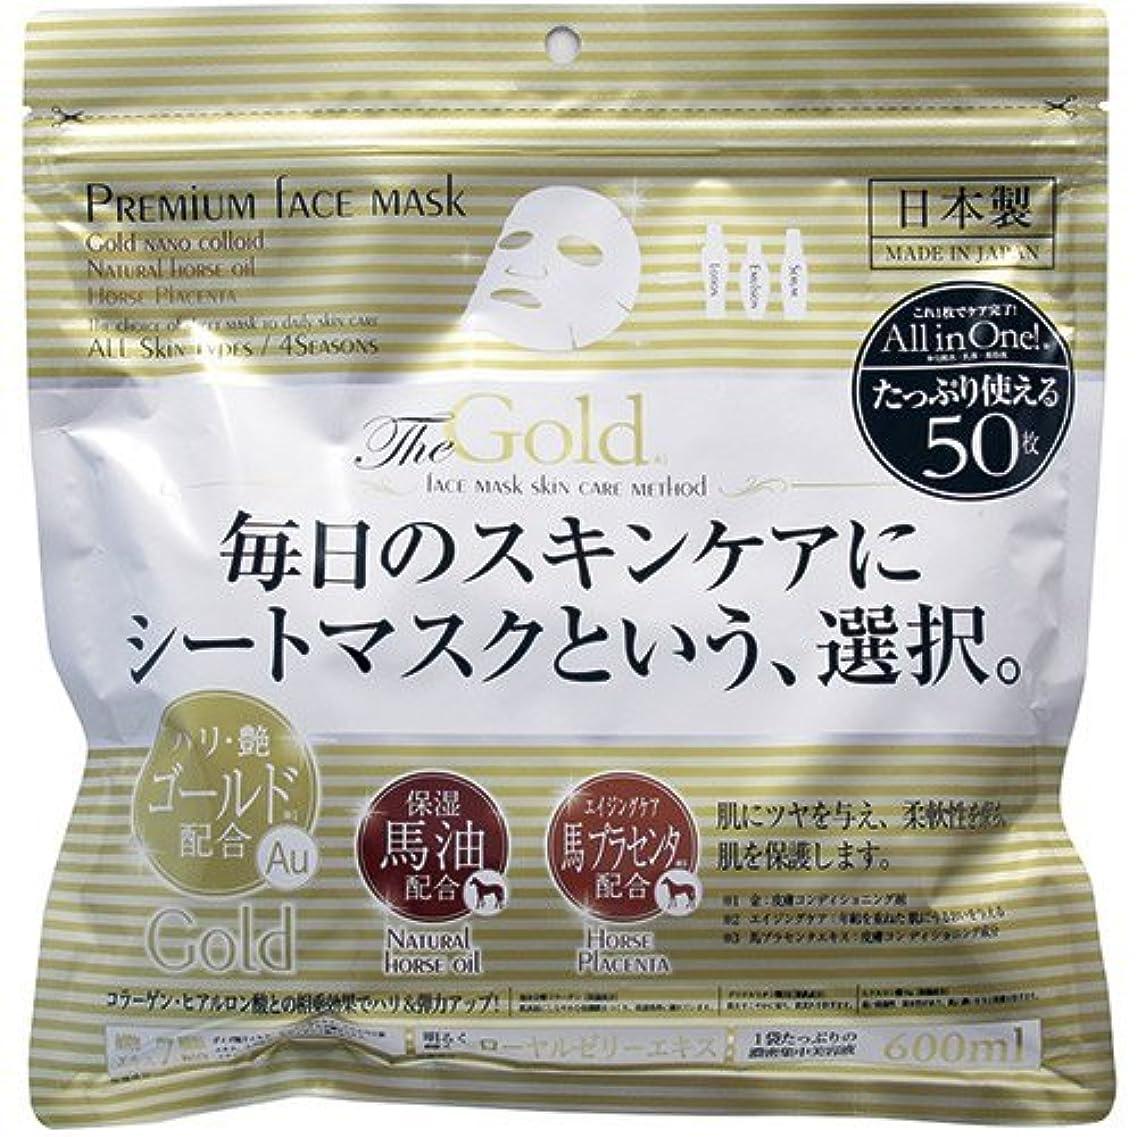 口内向き法律【進製作所】プレミアムフェイスマスク ゴールド 50枚 ×10個セット